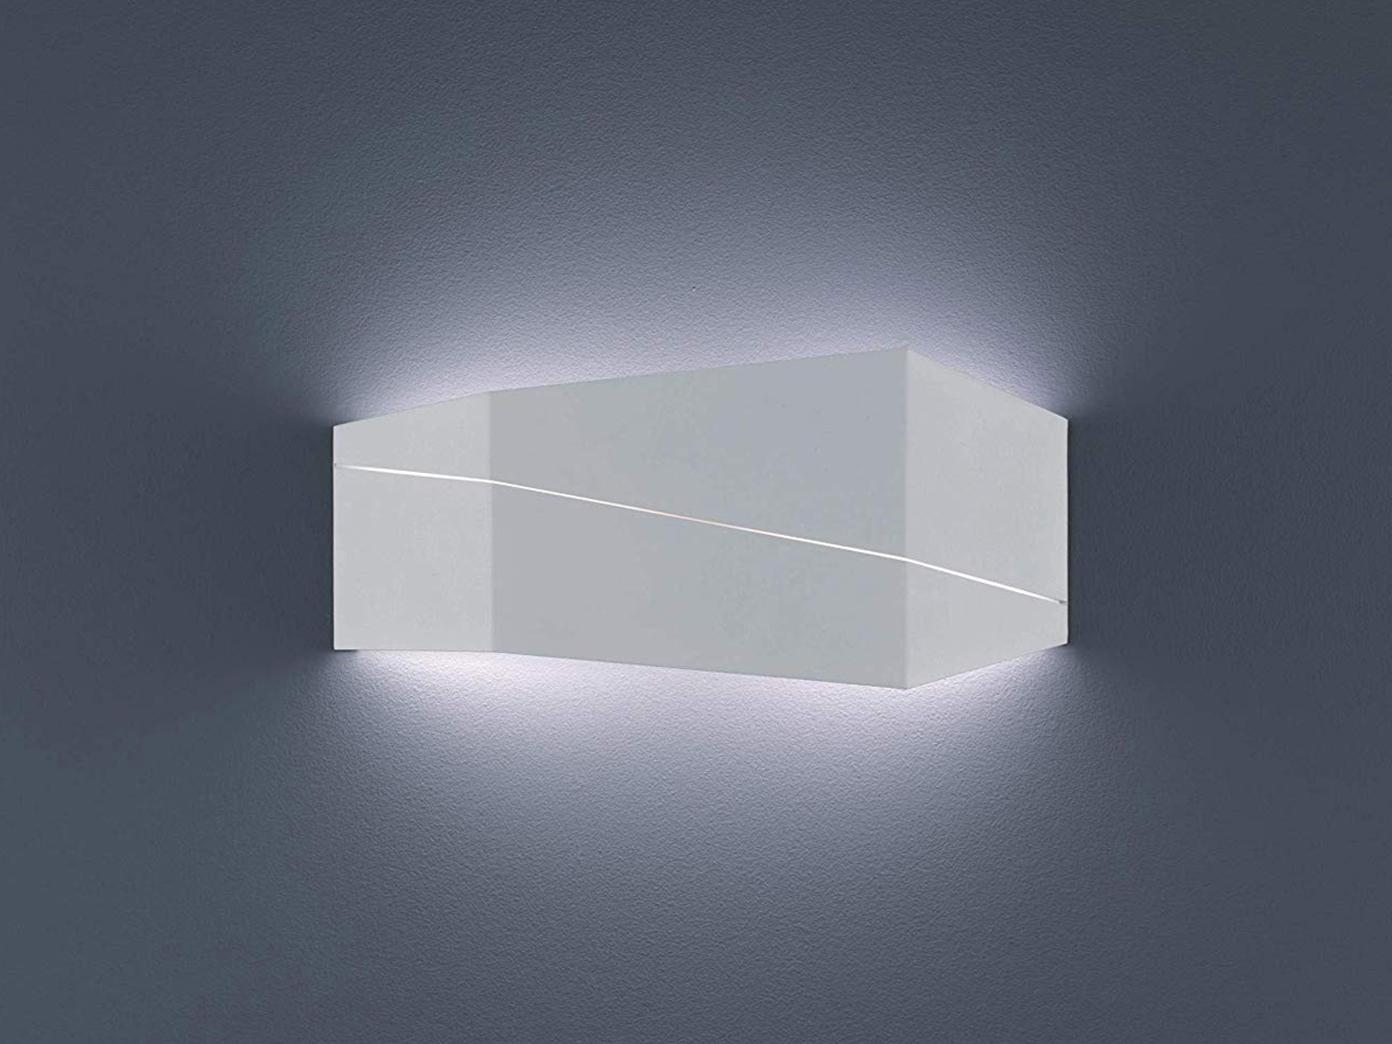 ... 2er SET Wandbeleuchtung In Weiß Matt Für Wohnzimmer, Modernes Flurlicht  40x18cm 3 ...